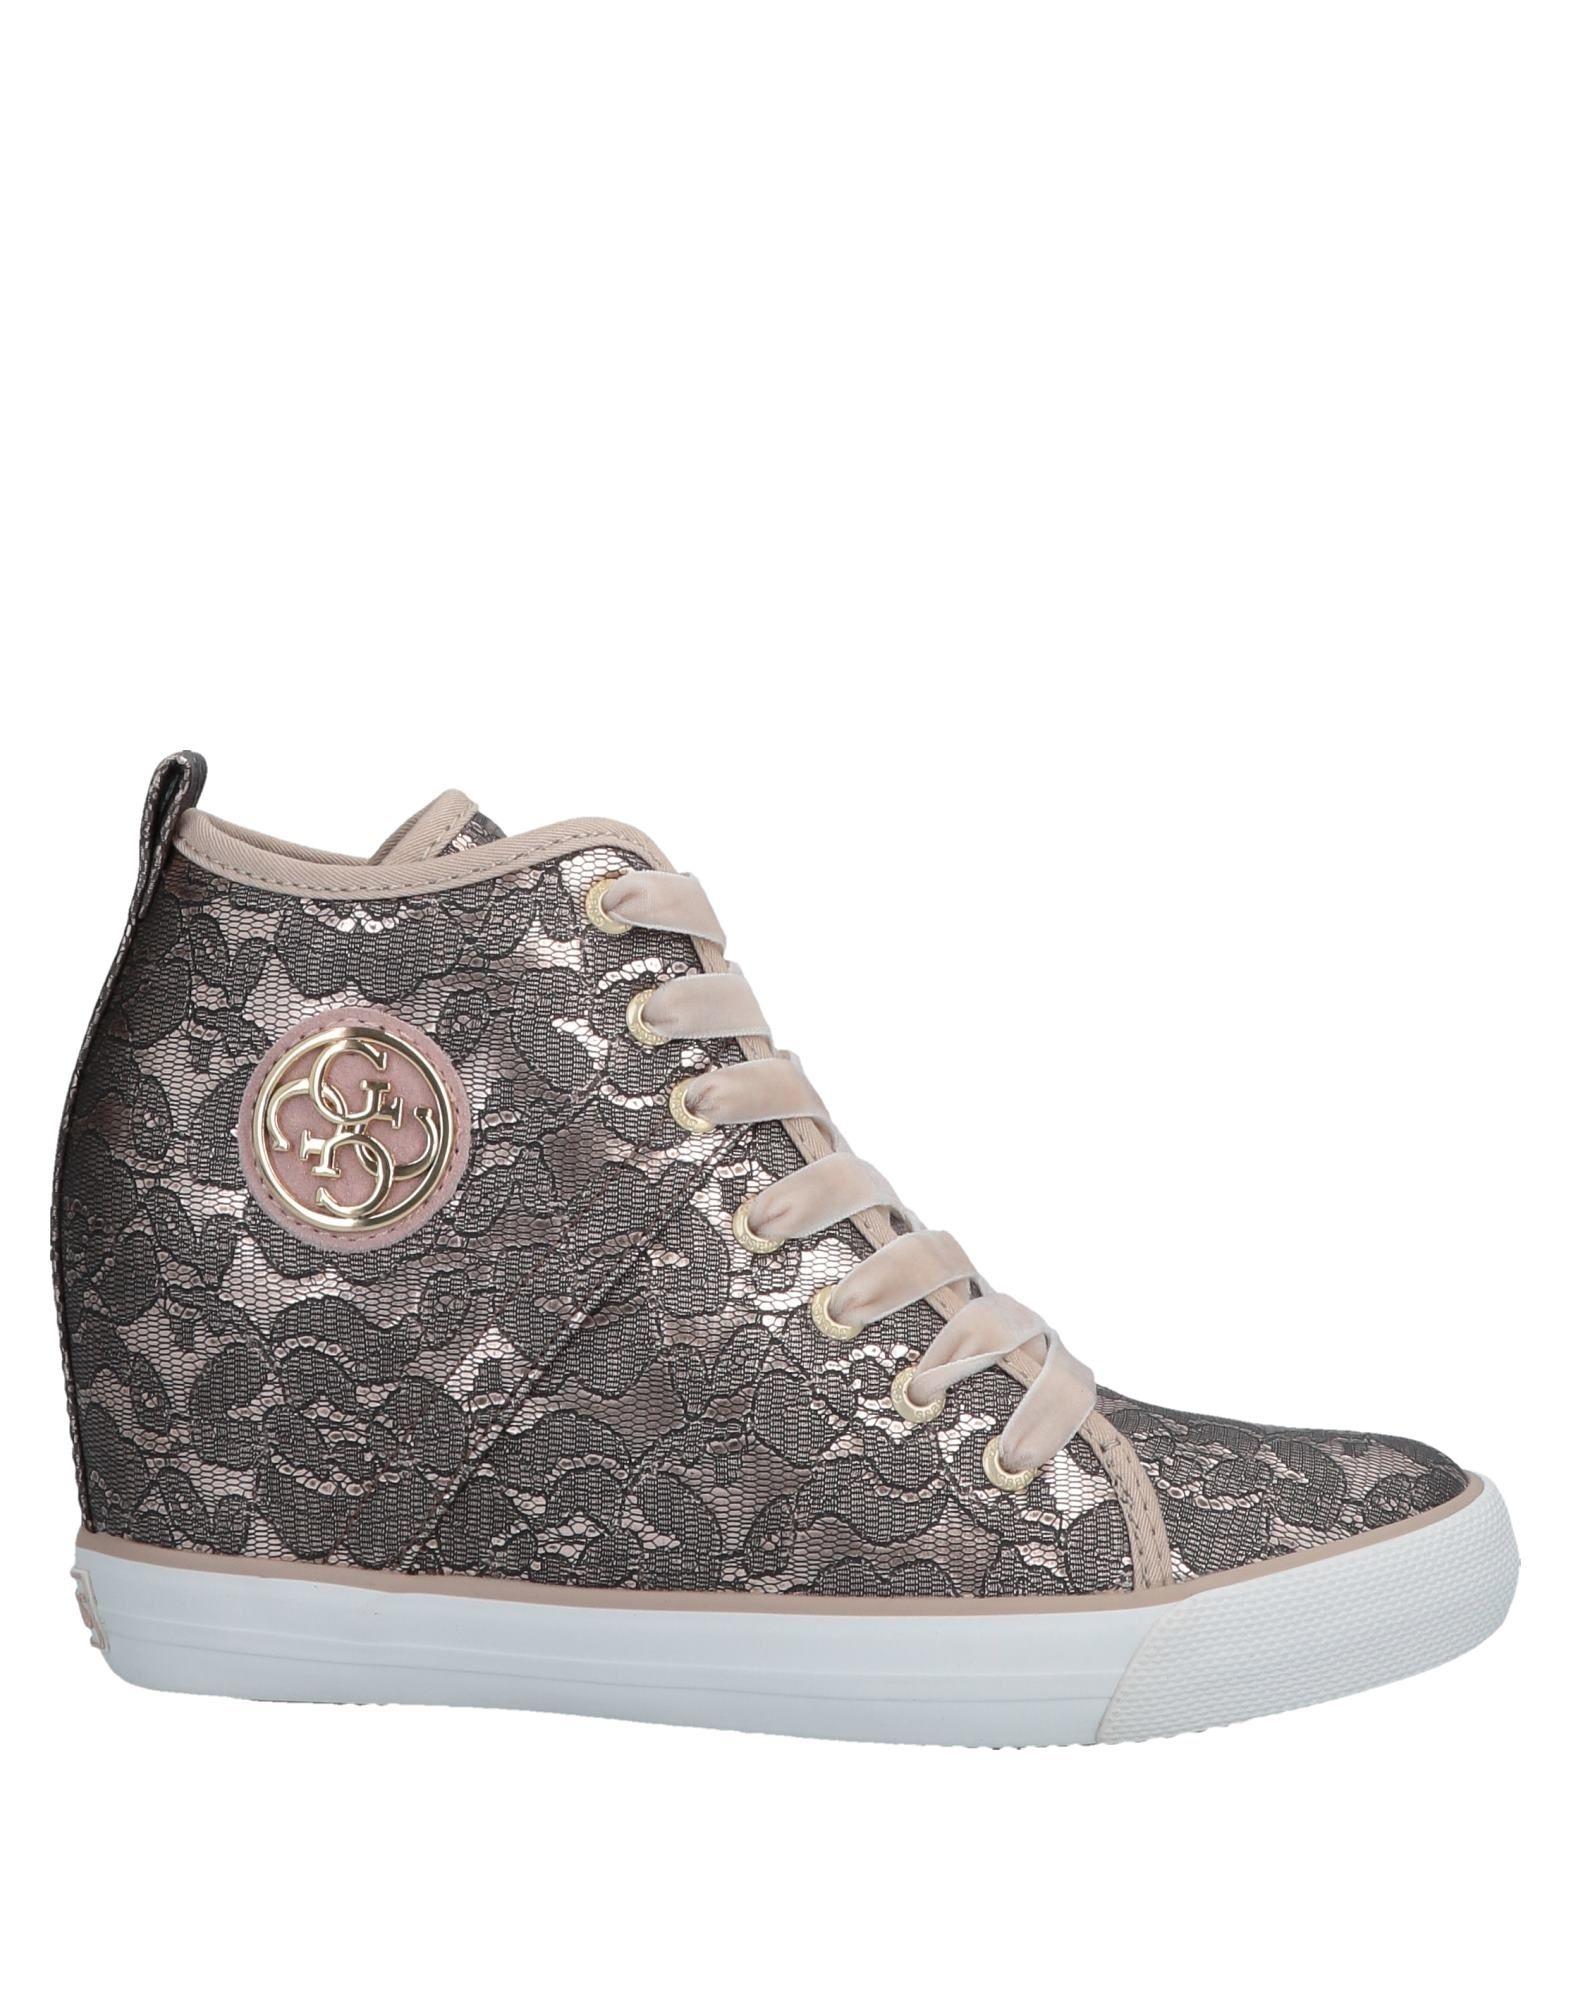 1ff03ec0 Mujer - Zapatos | Buyviu.com